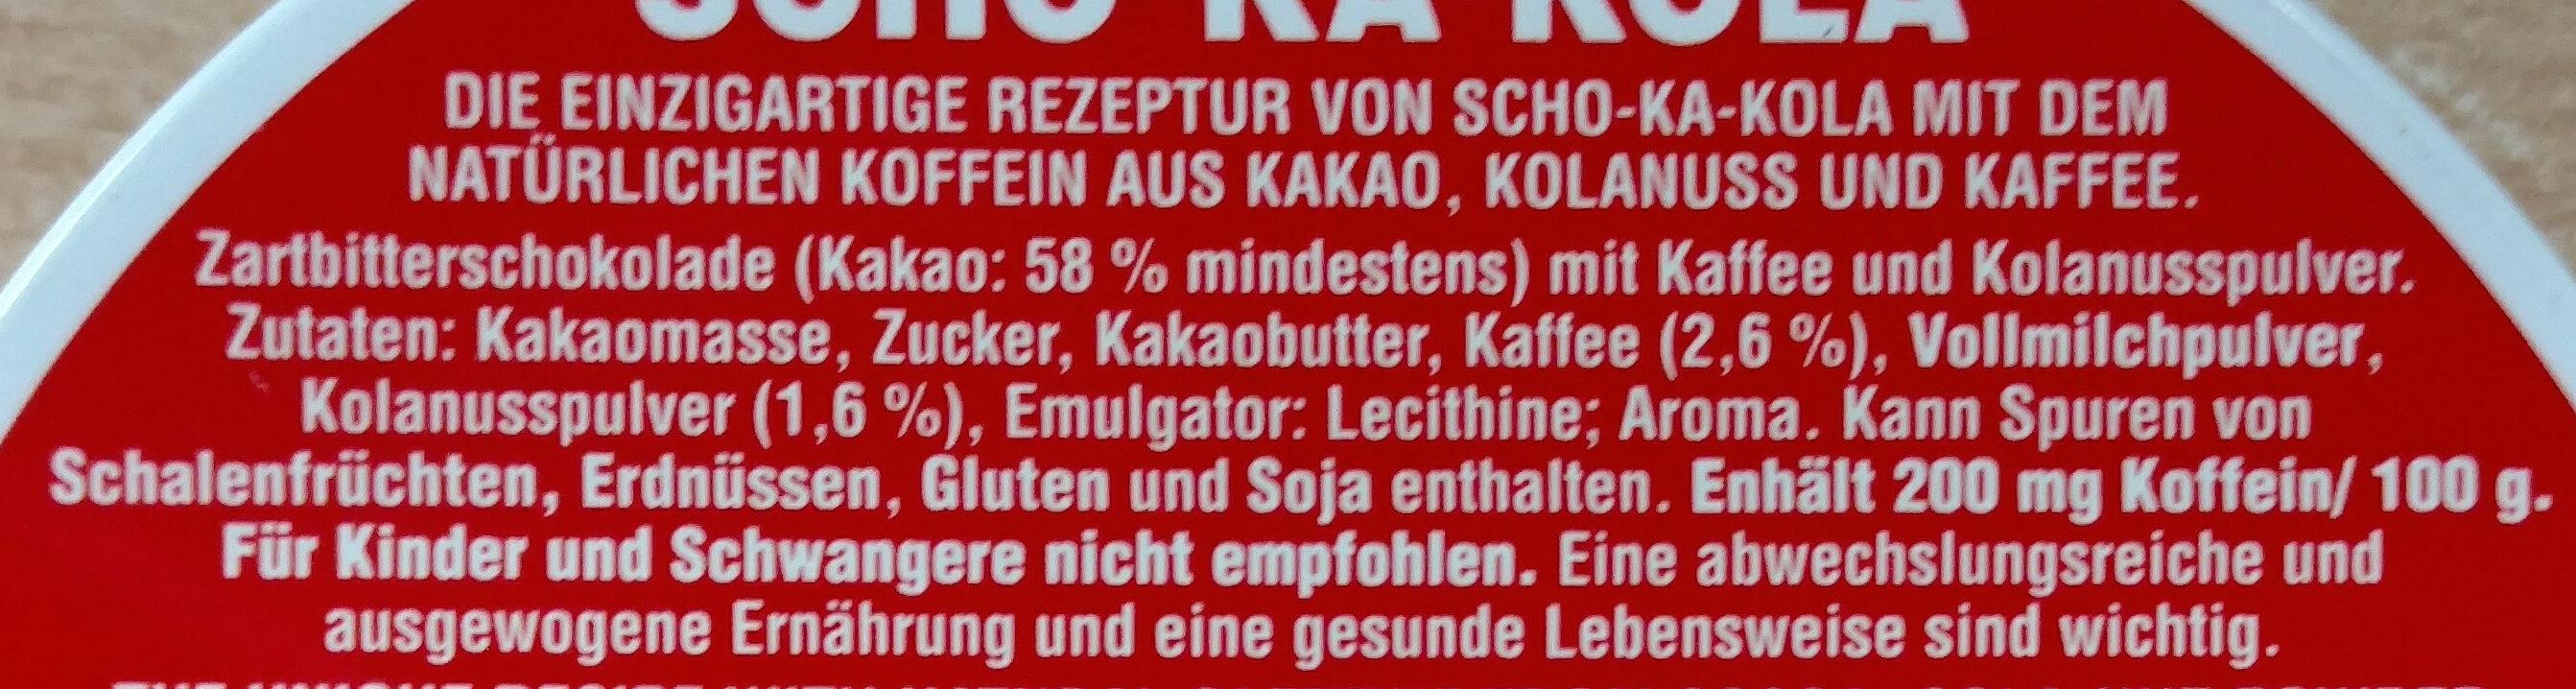 Scho-Ka-Kola - Ingredienti - de